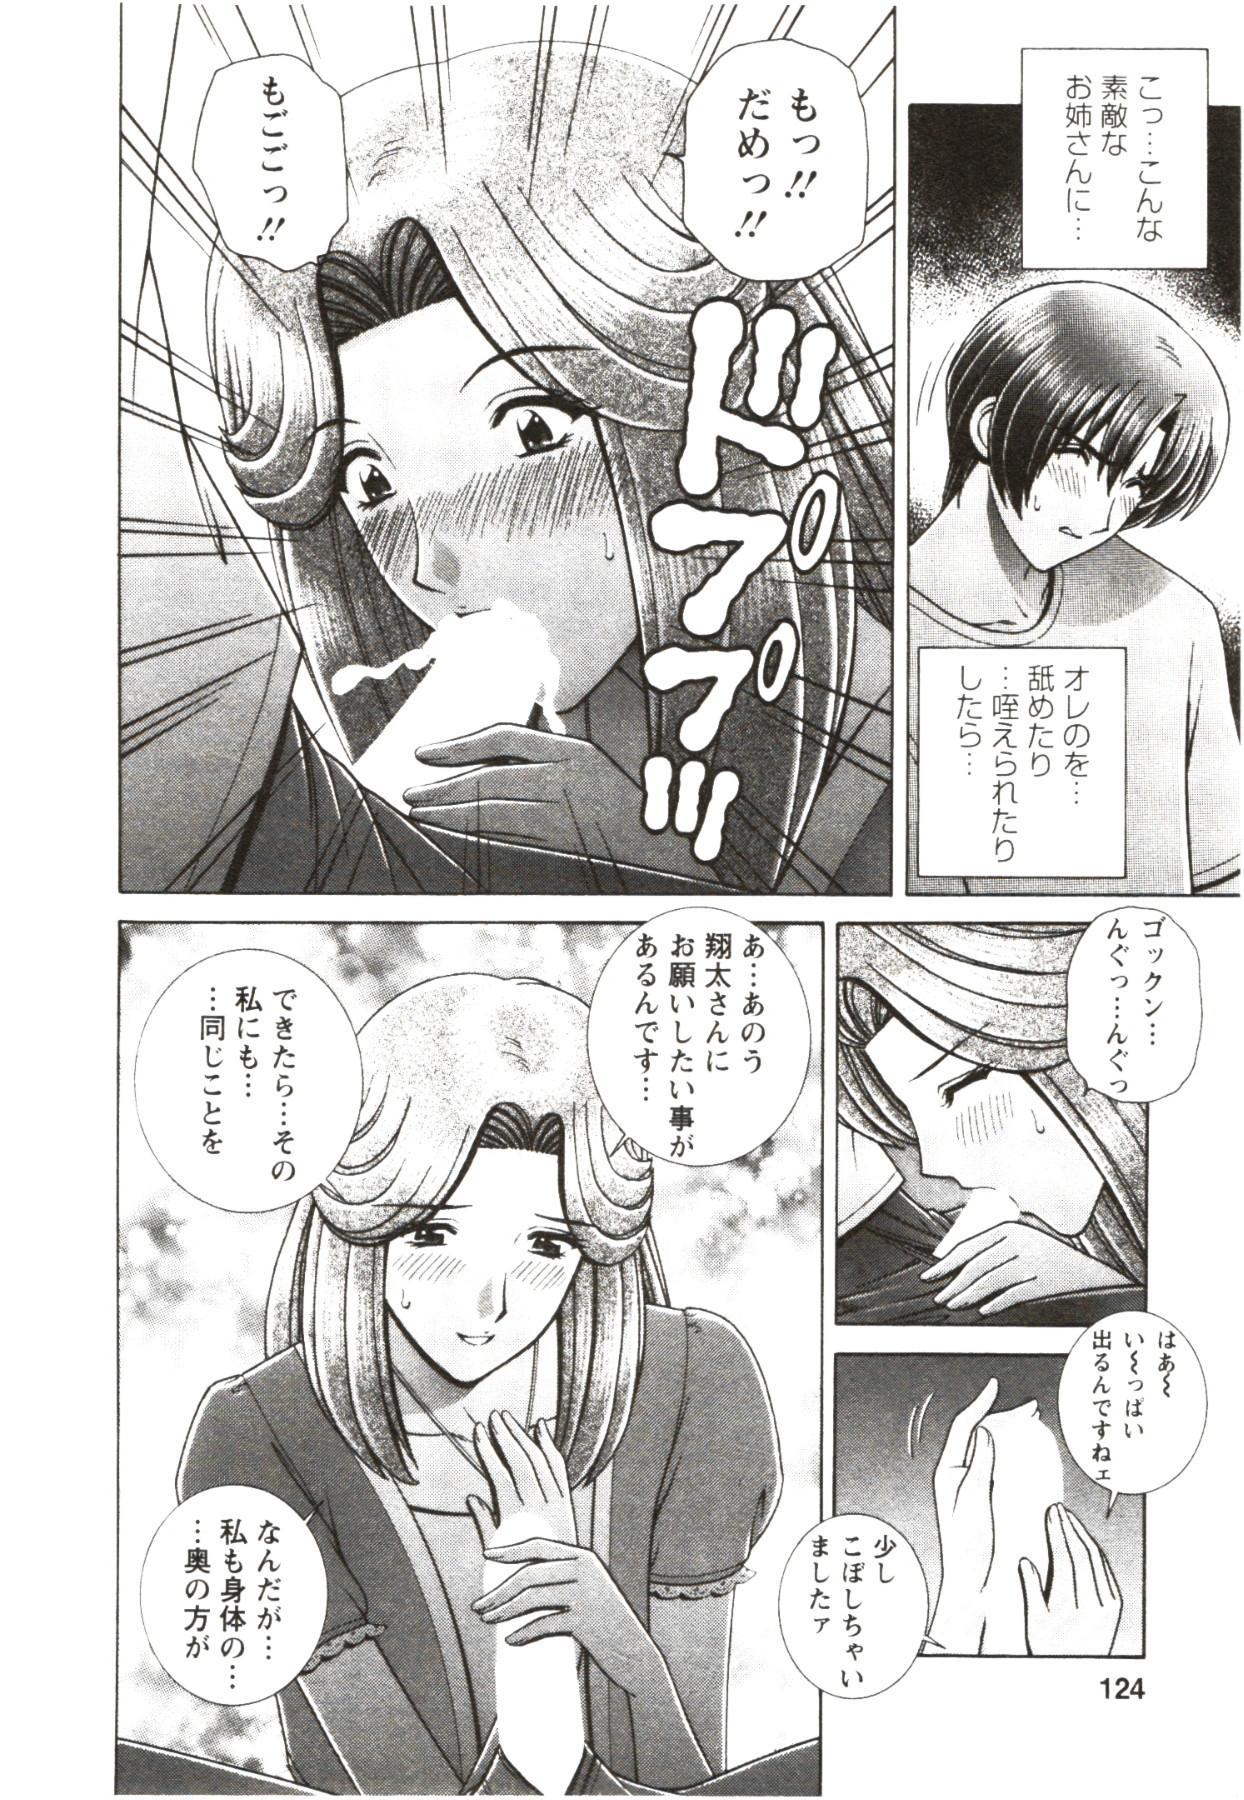 Futarigurashi 121